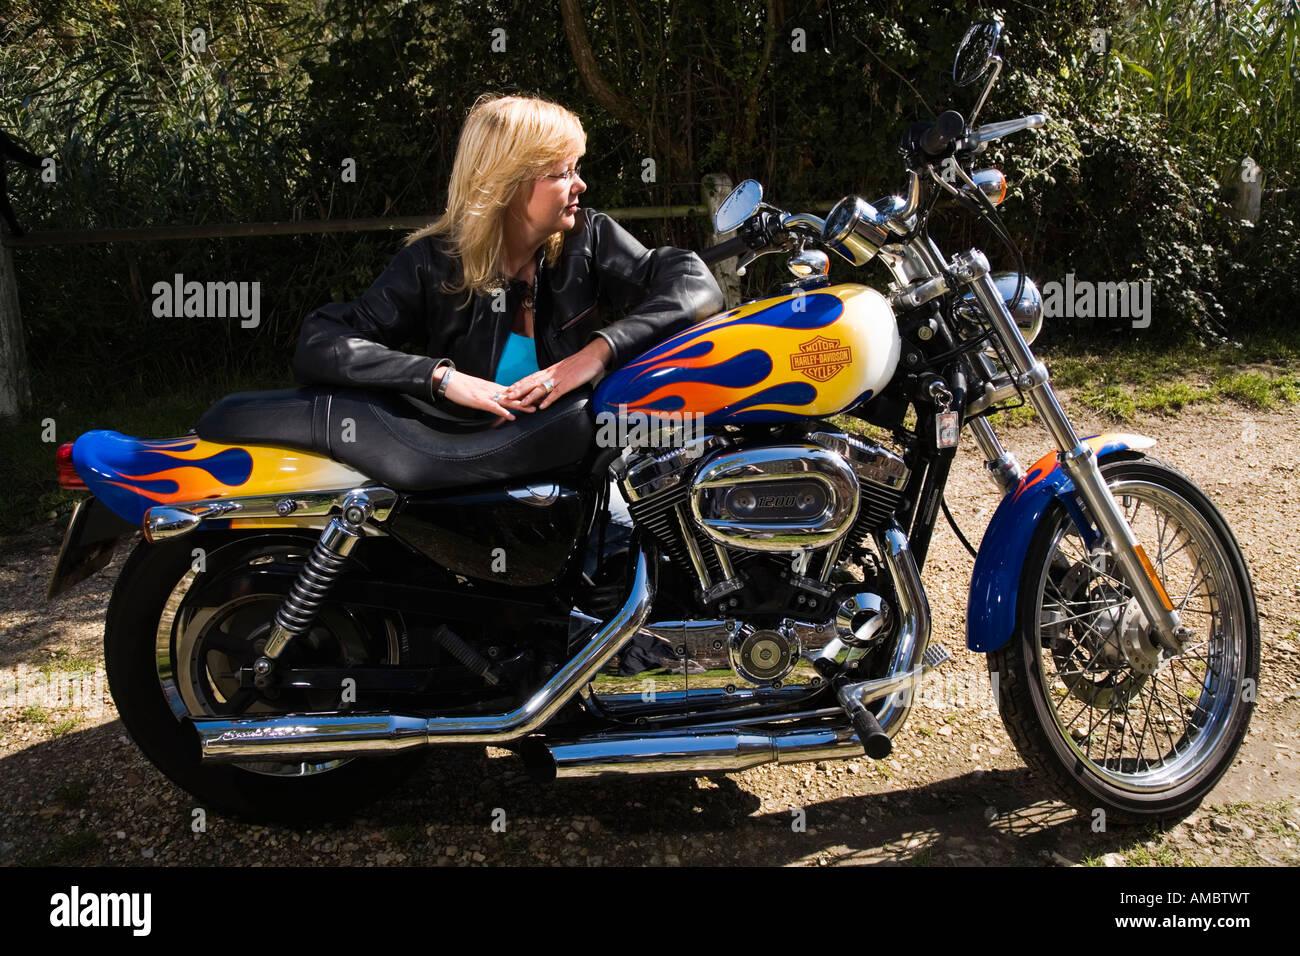 Mujer motorista con su moto Harley Davidson Foto & Imagen De Stock ...